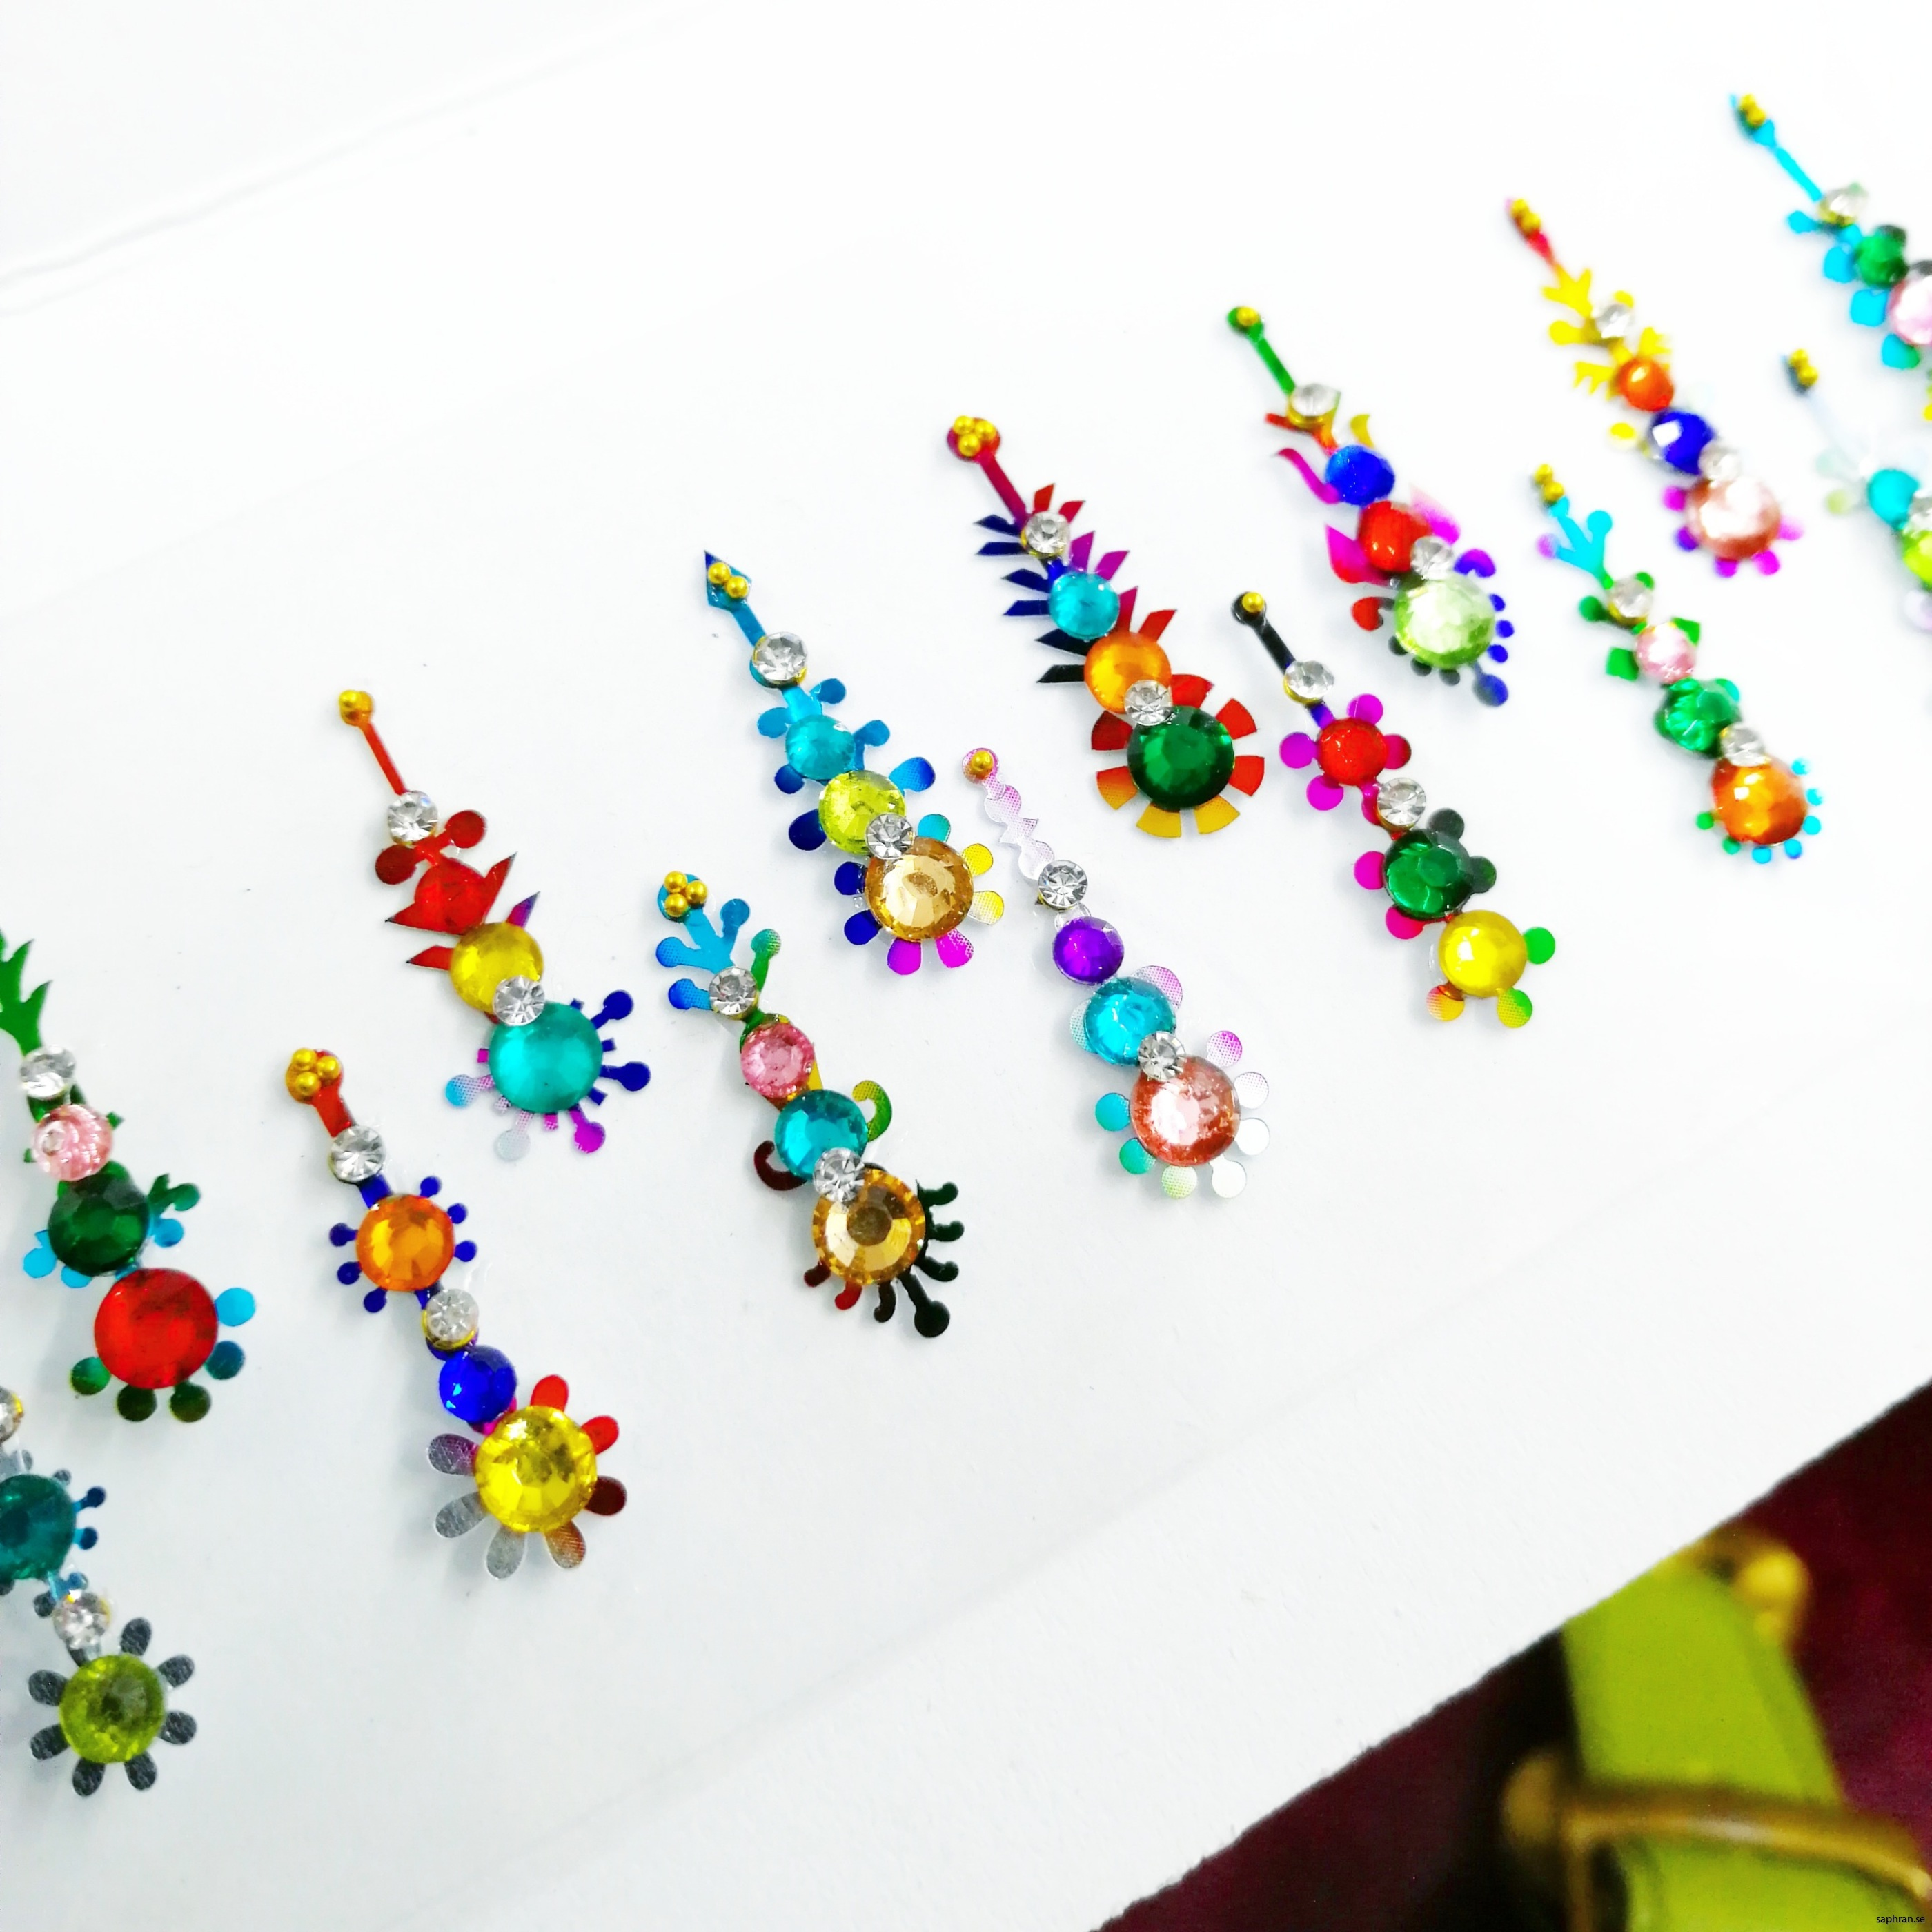 Ett multifärgat orientaliskt/indiskt smycke med färrgglada detaljer för fest